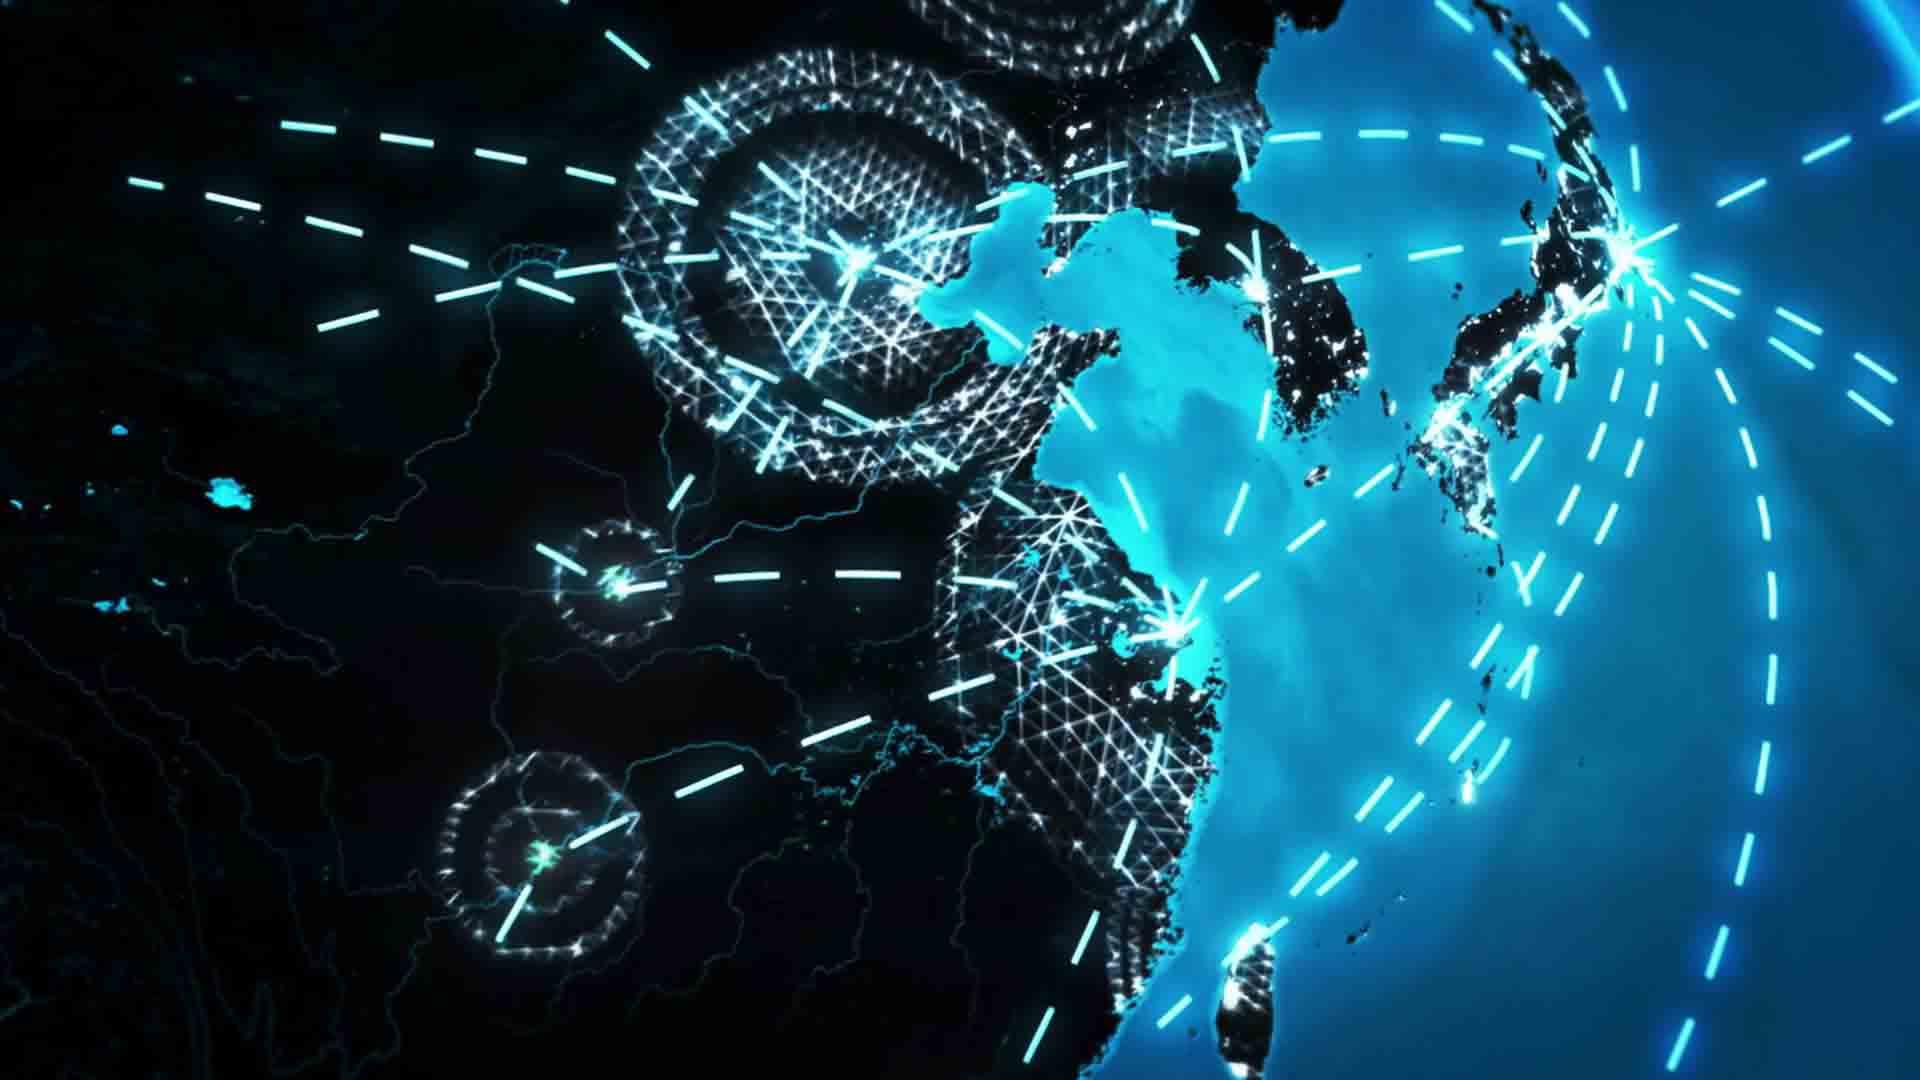 Das Bild zeigt einen Ausschnitt einer Weltkarte. Man sieht ein blaues Land. Dieses liegt auf schwarzem Hintergrund. Um das Land herum laufen einzelne Strichlinien. Das ganze sieht sehr abstrakt aus. Das Bild dient als Sliderbild für den Portfolioeintrag SupplyOn - Supply Chain Management Imagefilm von Panda Pictures.